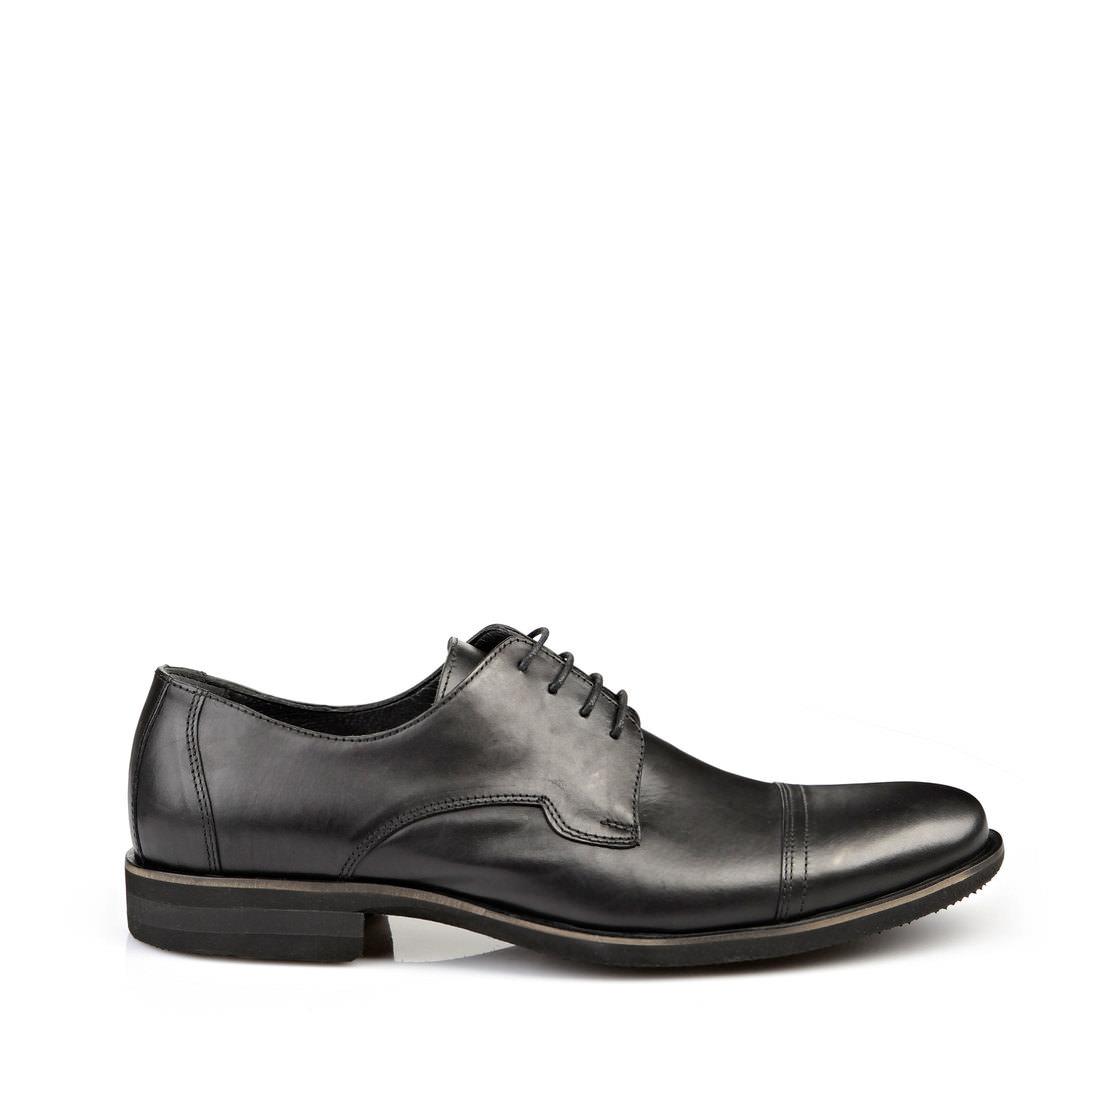 low priced 39607 ad306 Buffalo Herren-Schuh in schwarz zum Schnüren online kaufen ...